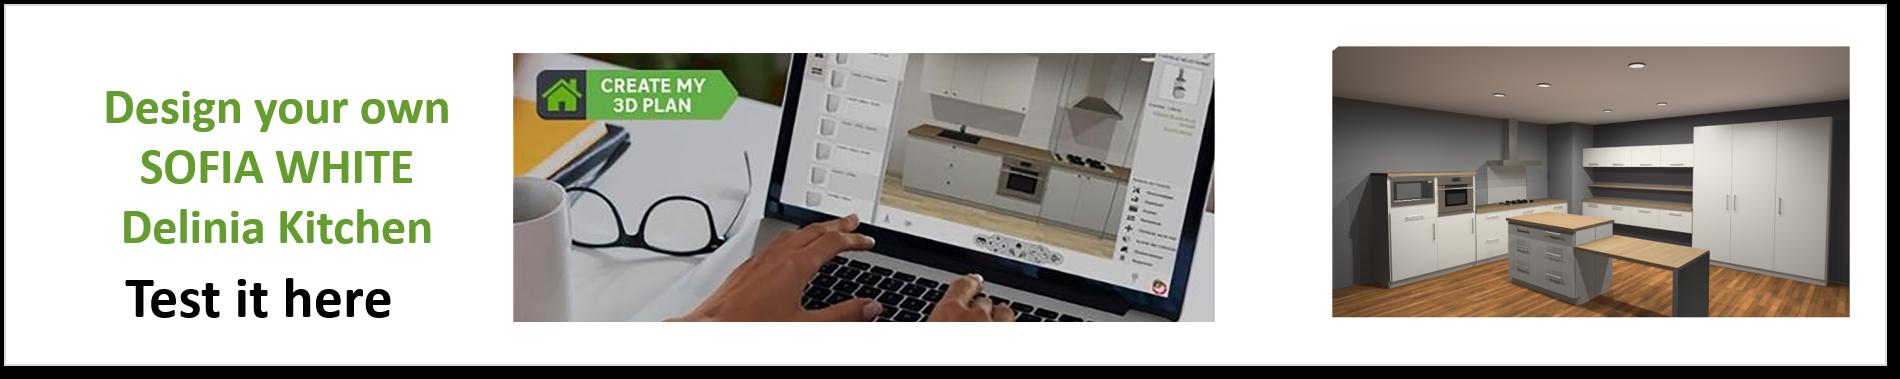 Create or Design your own Delinia Sofia White Designer Kitchen